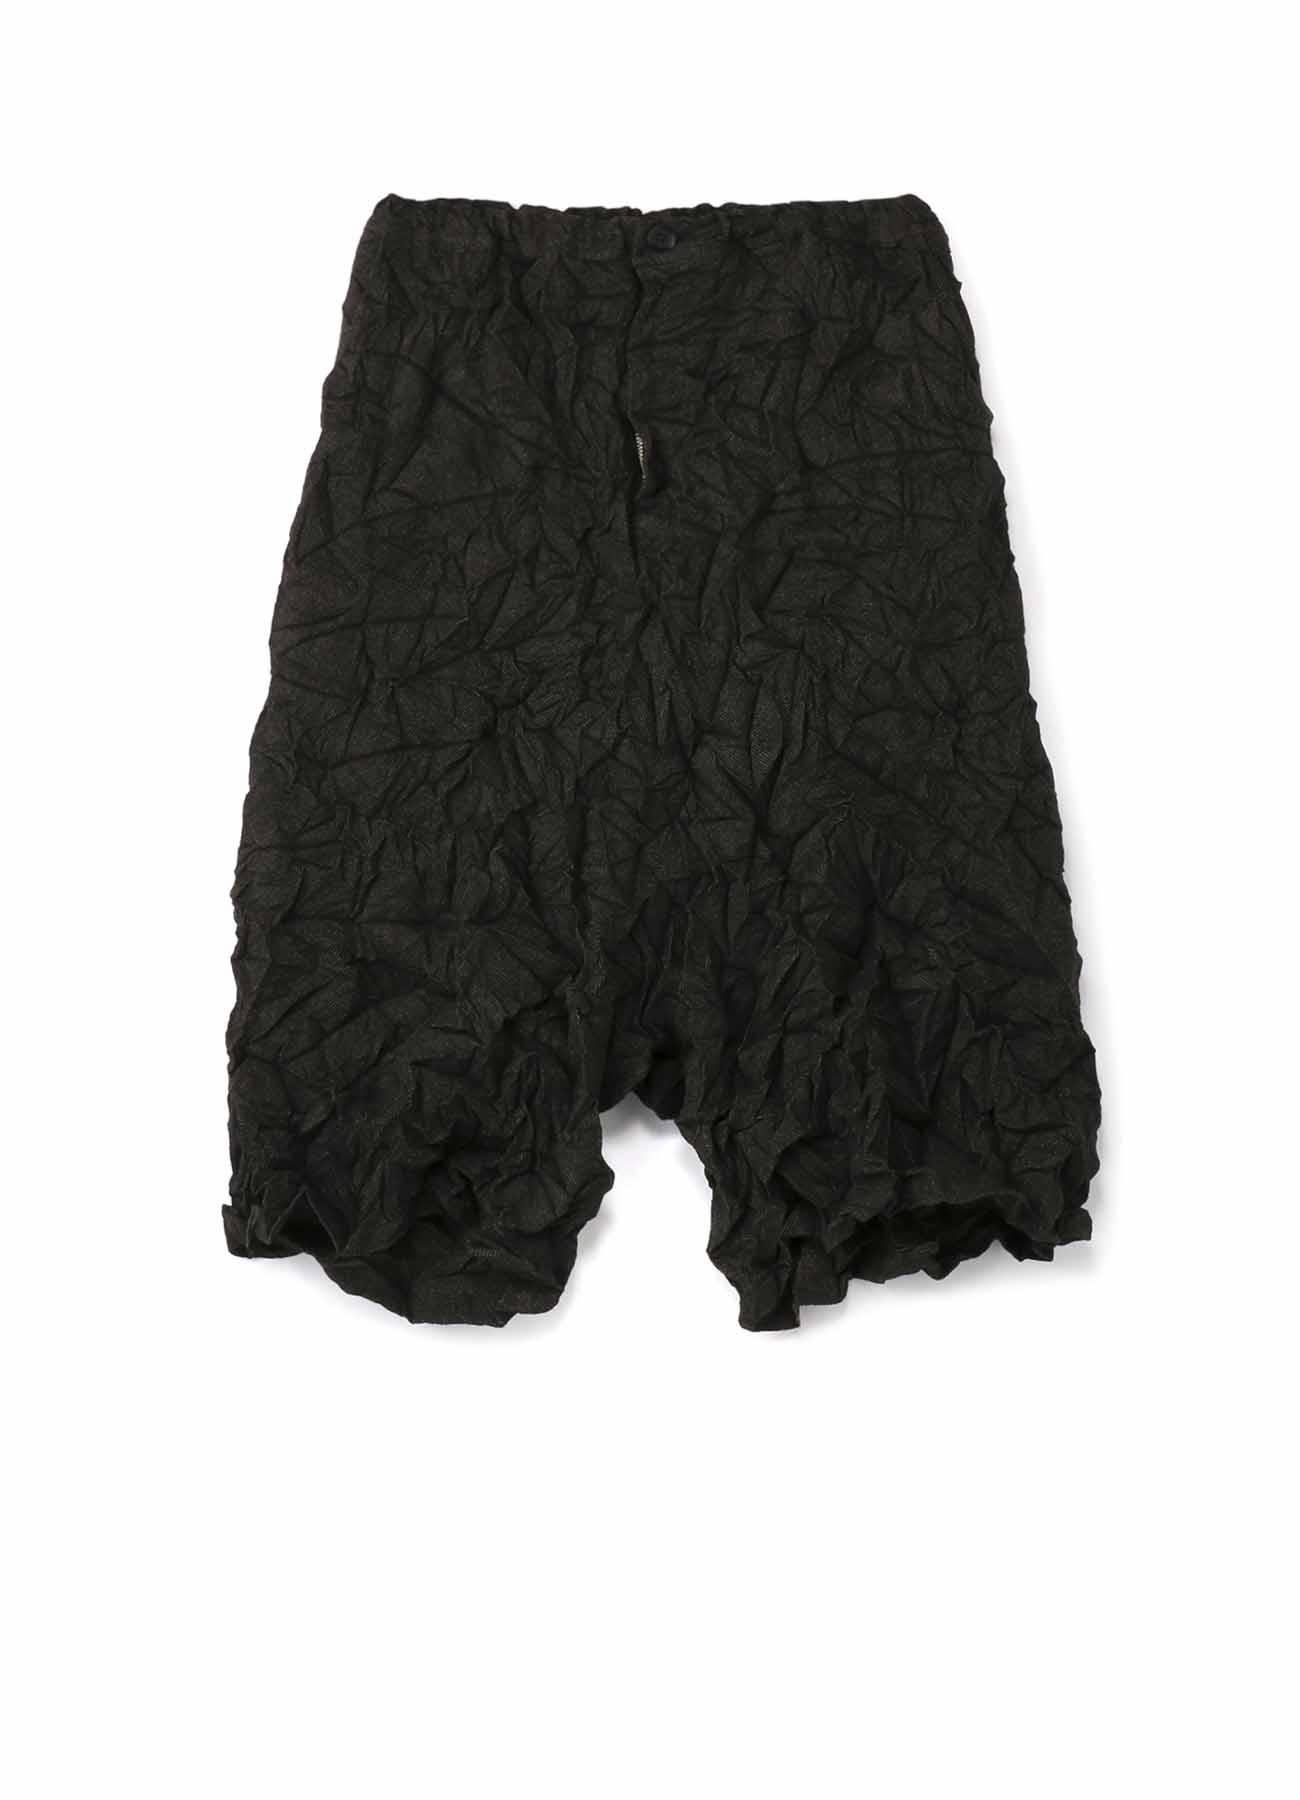 褶皱哈伦裤